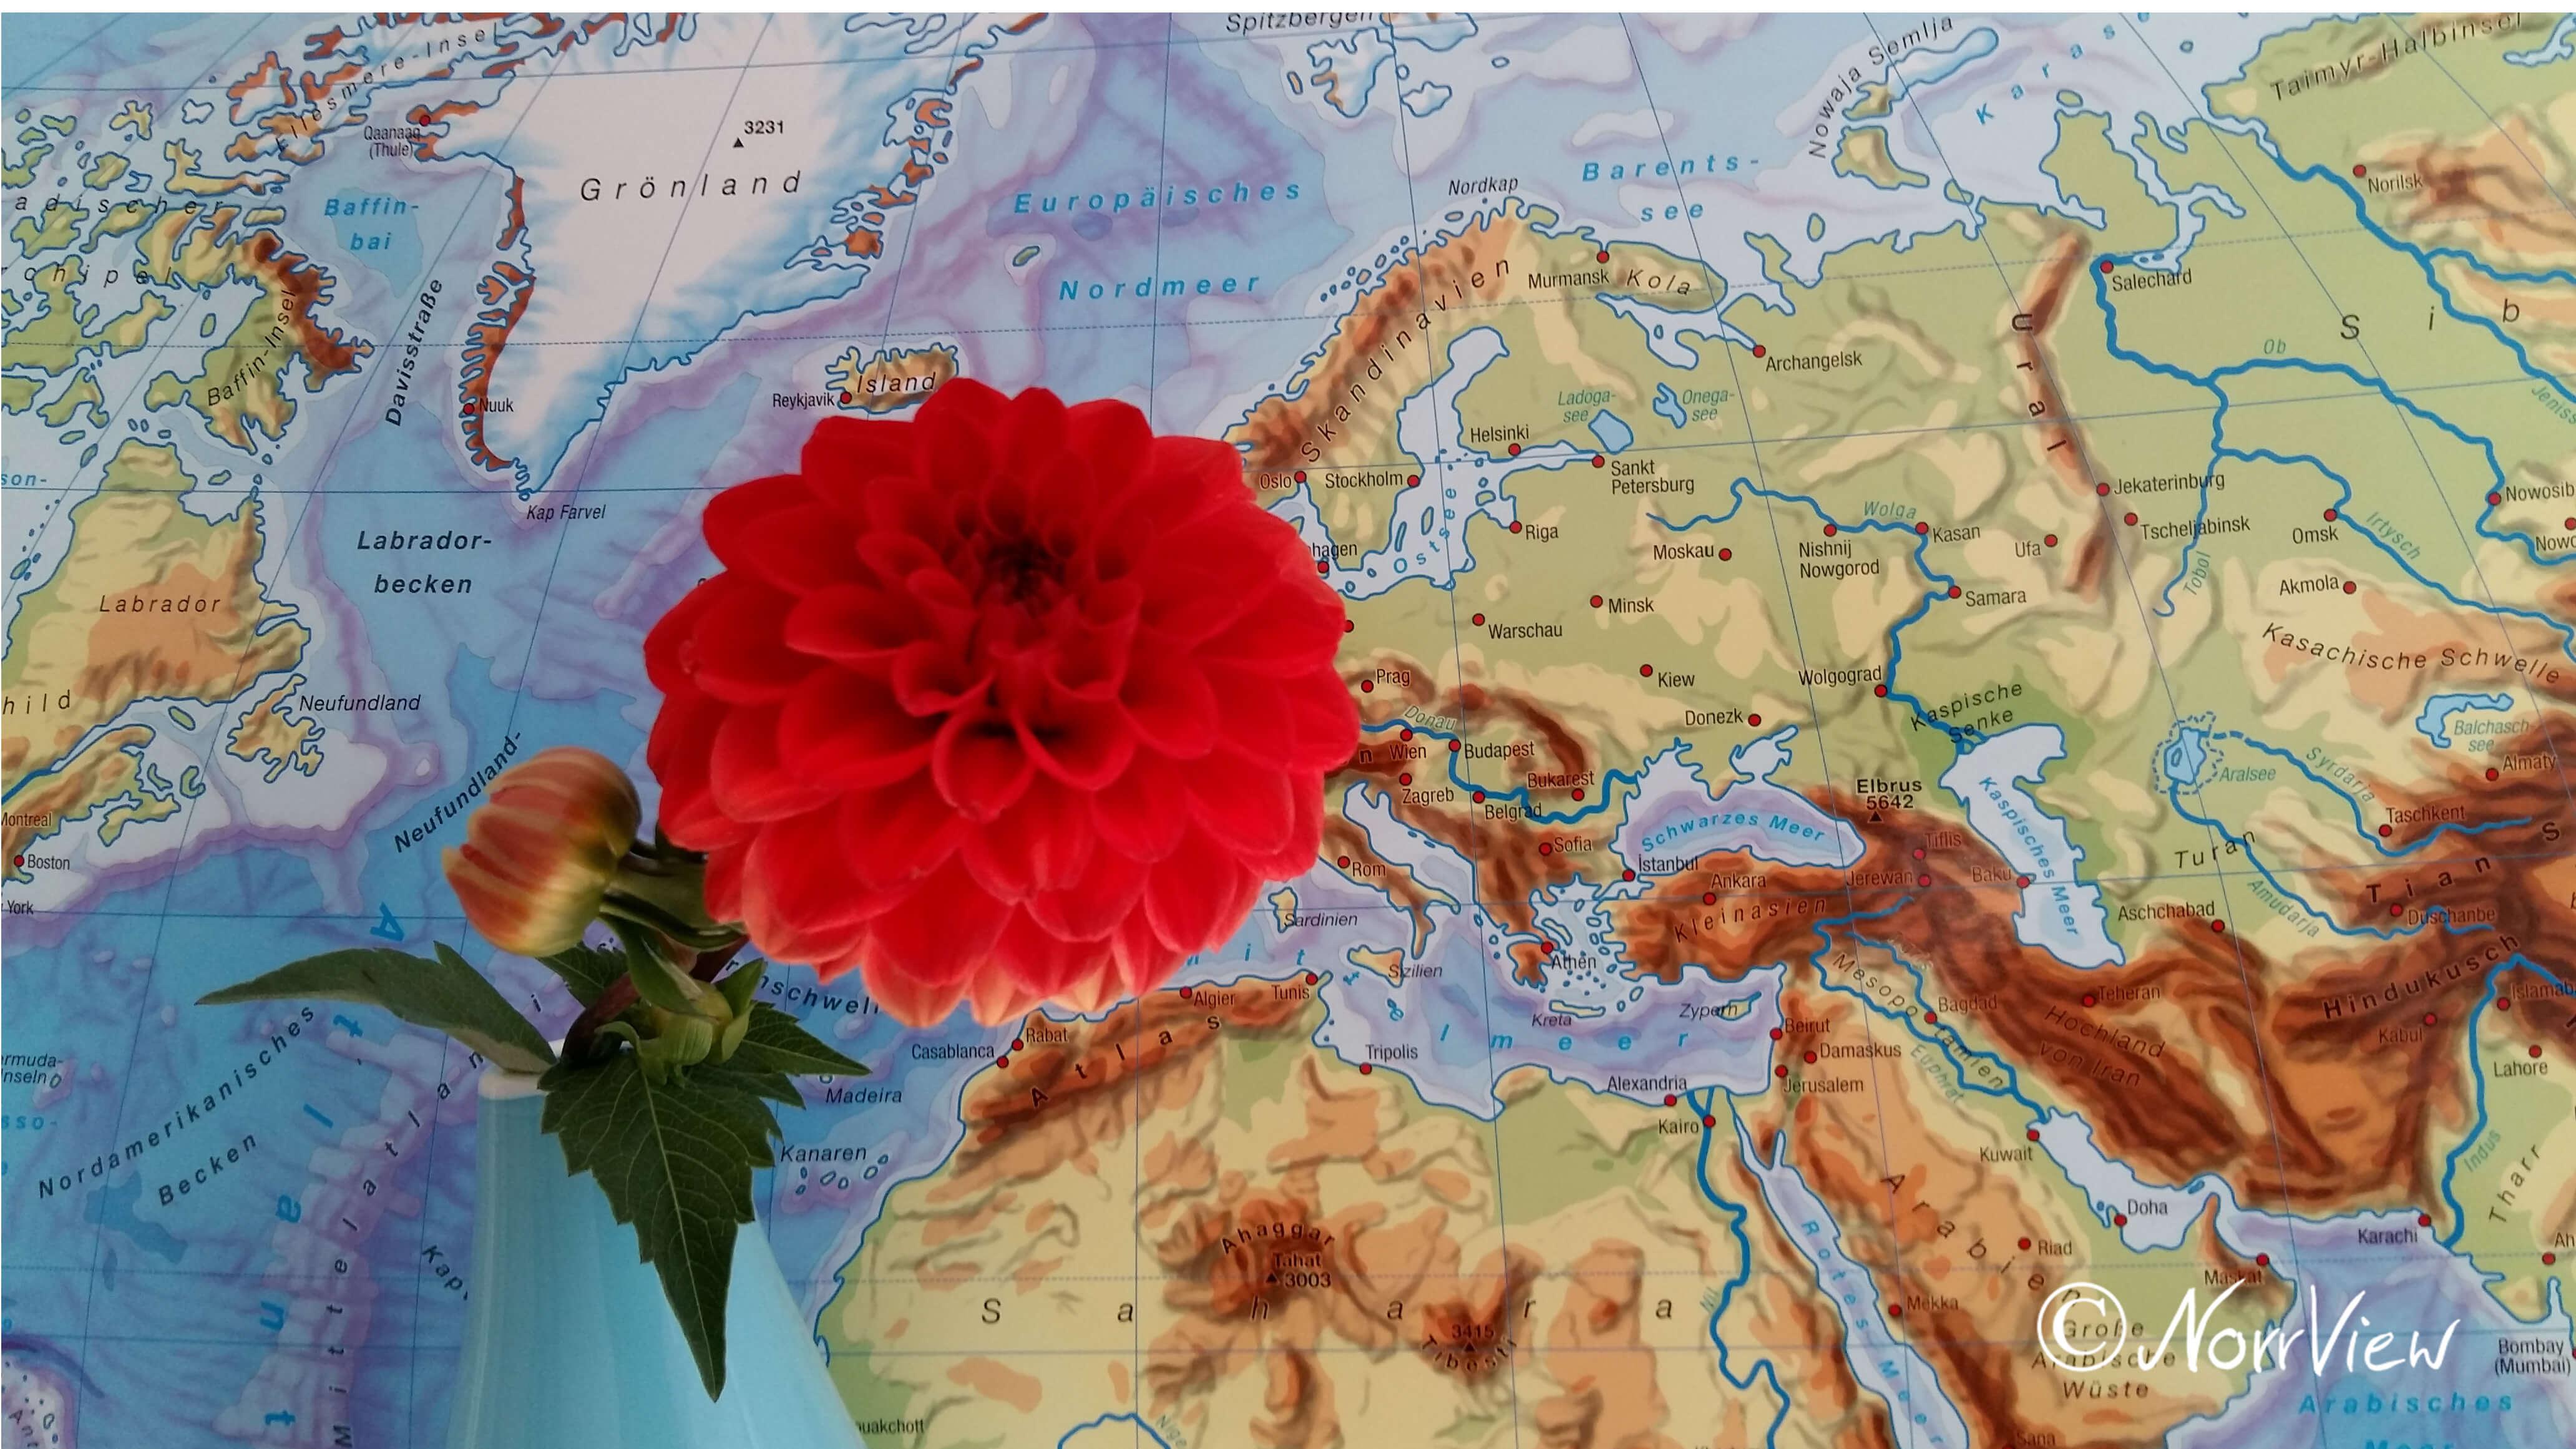 Rote Dahlie, voll erblüht, mit Knospe, vor einem Teil einer Weltkarte.